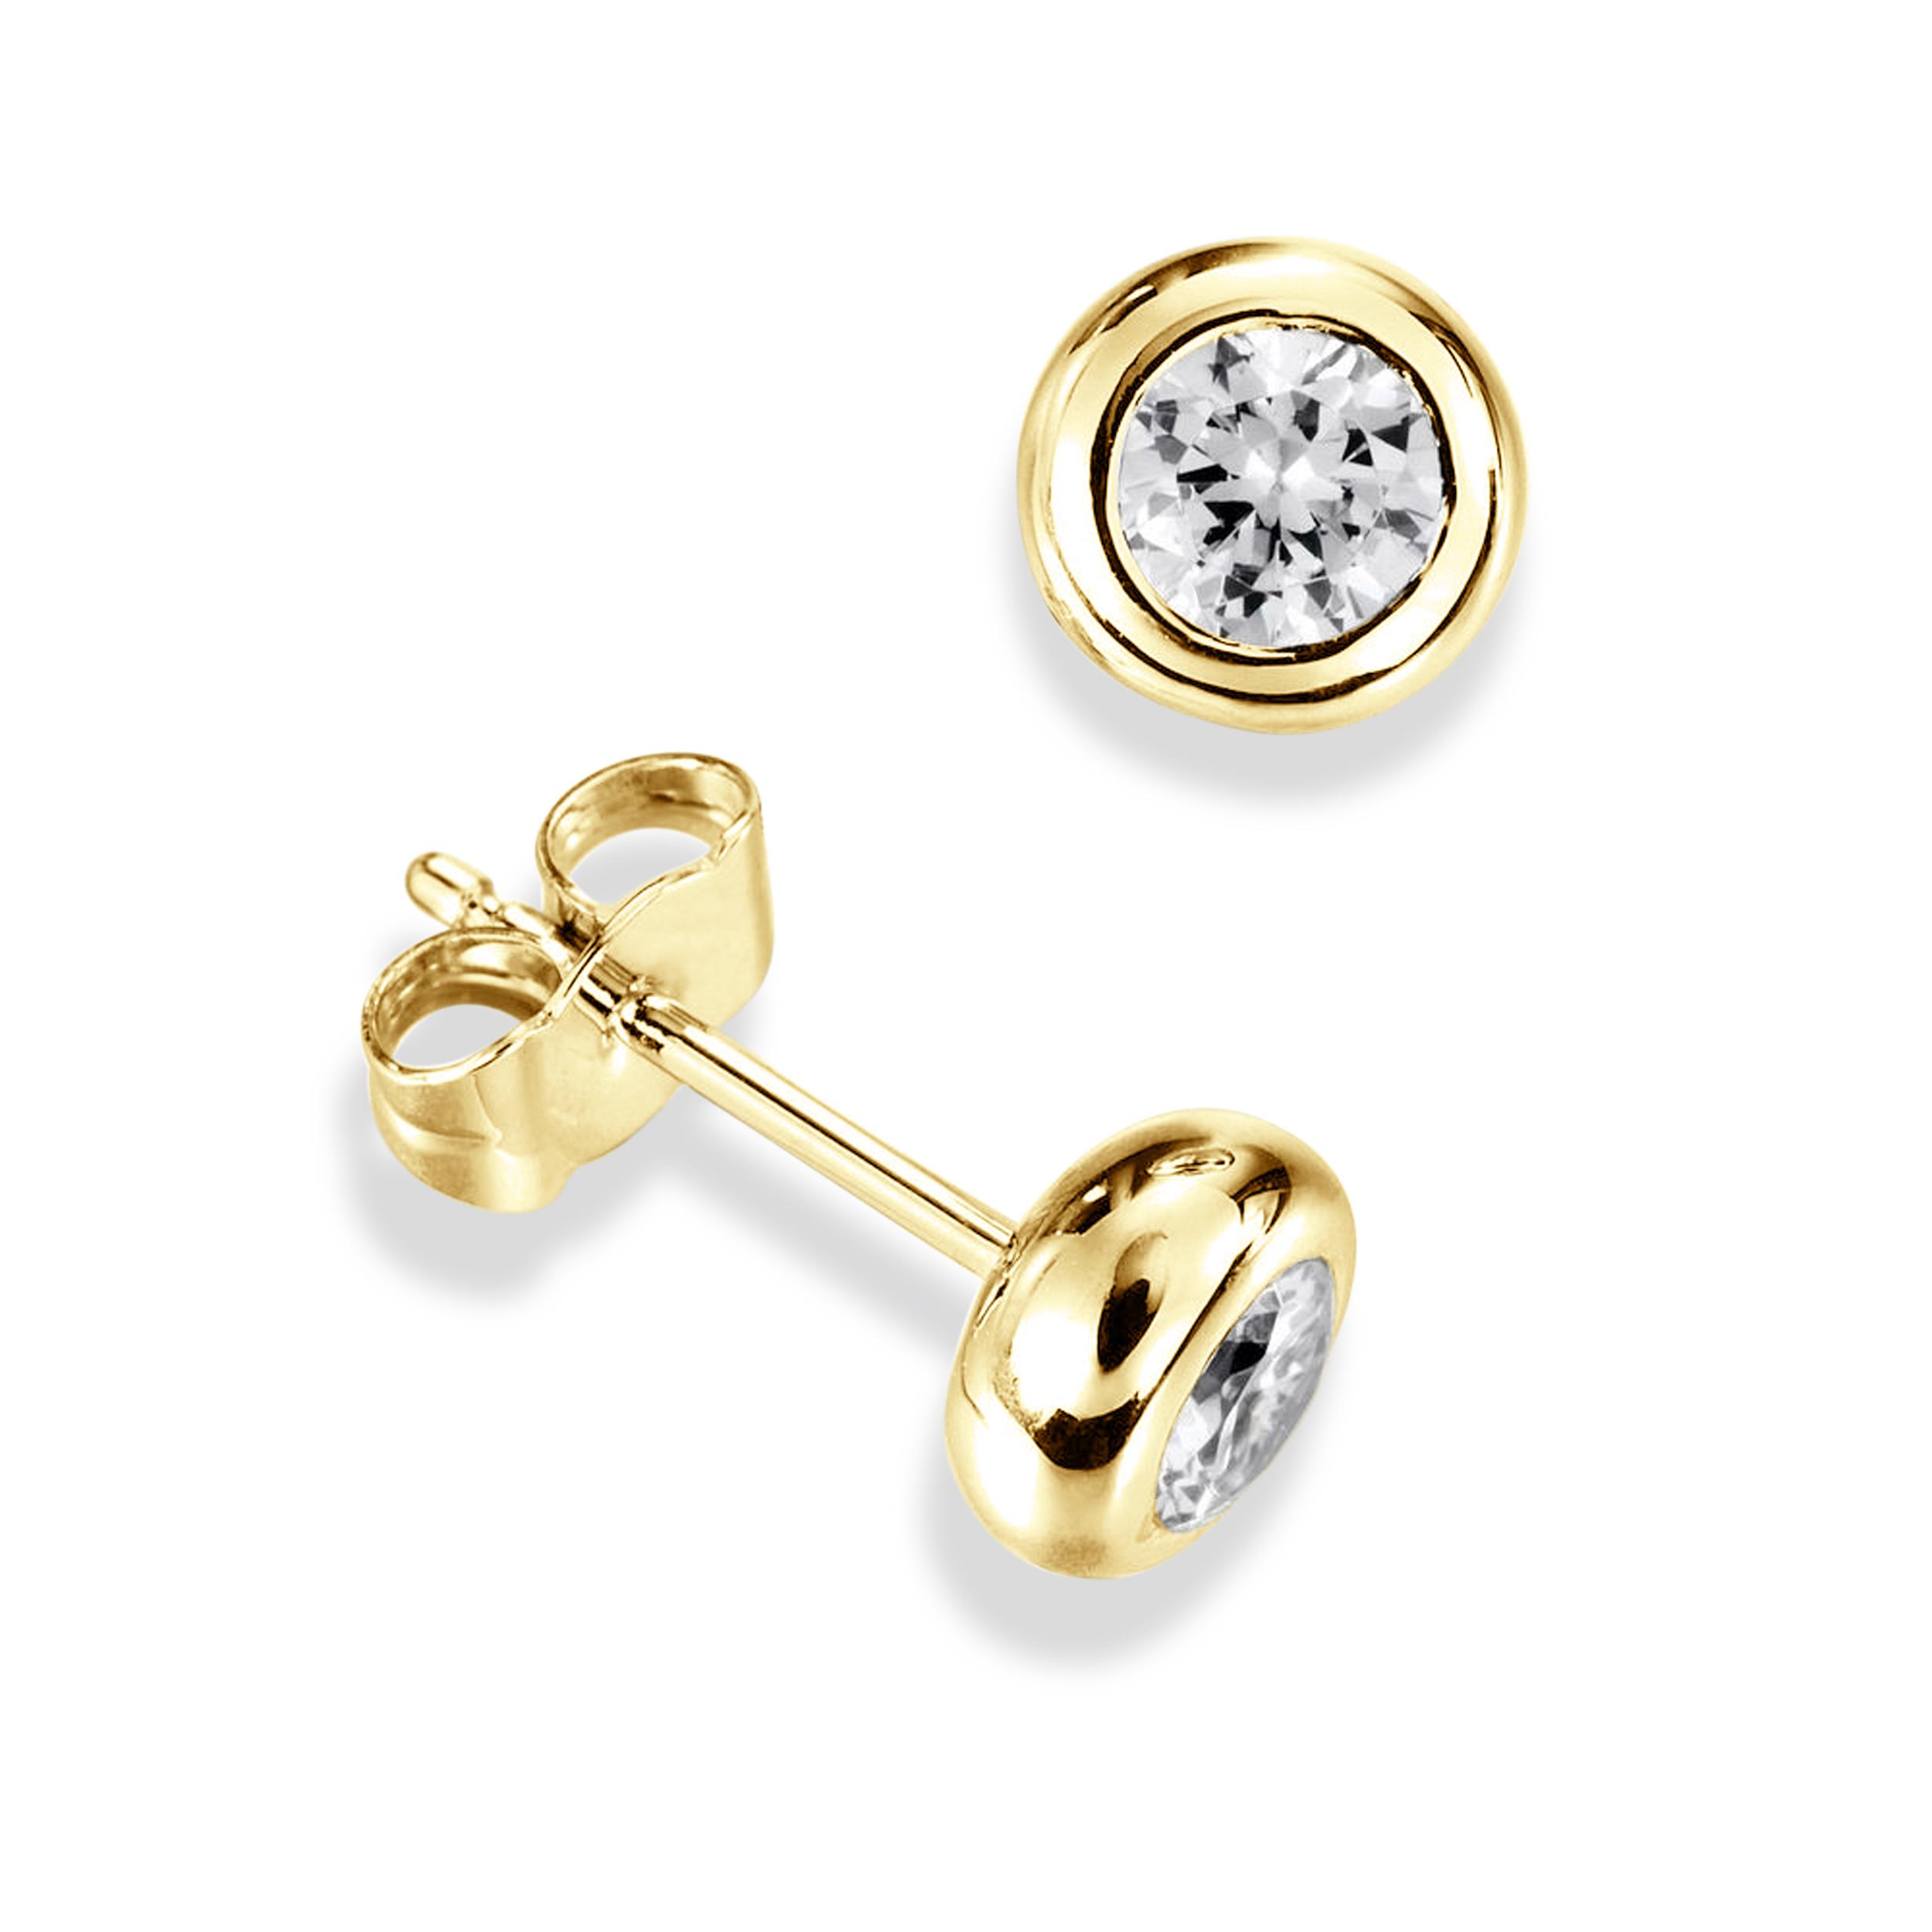 Bezel Set Single Diamond Earrings For Men White Gold in Round Shape